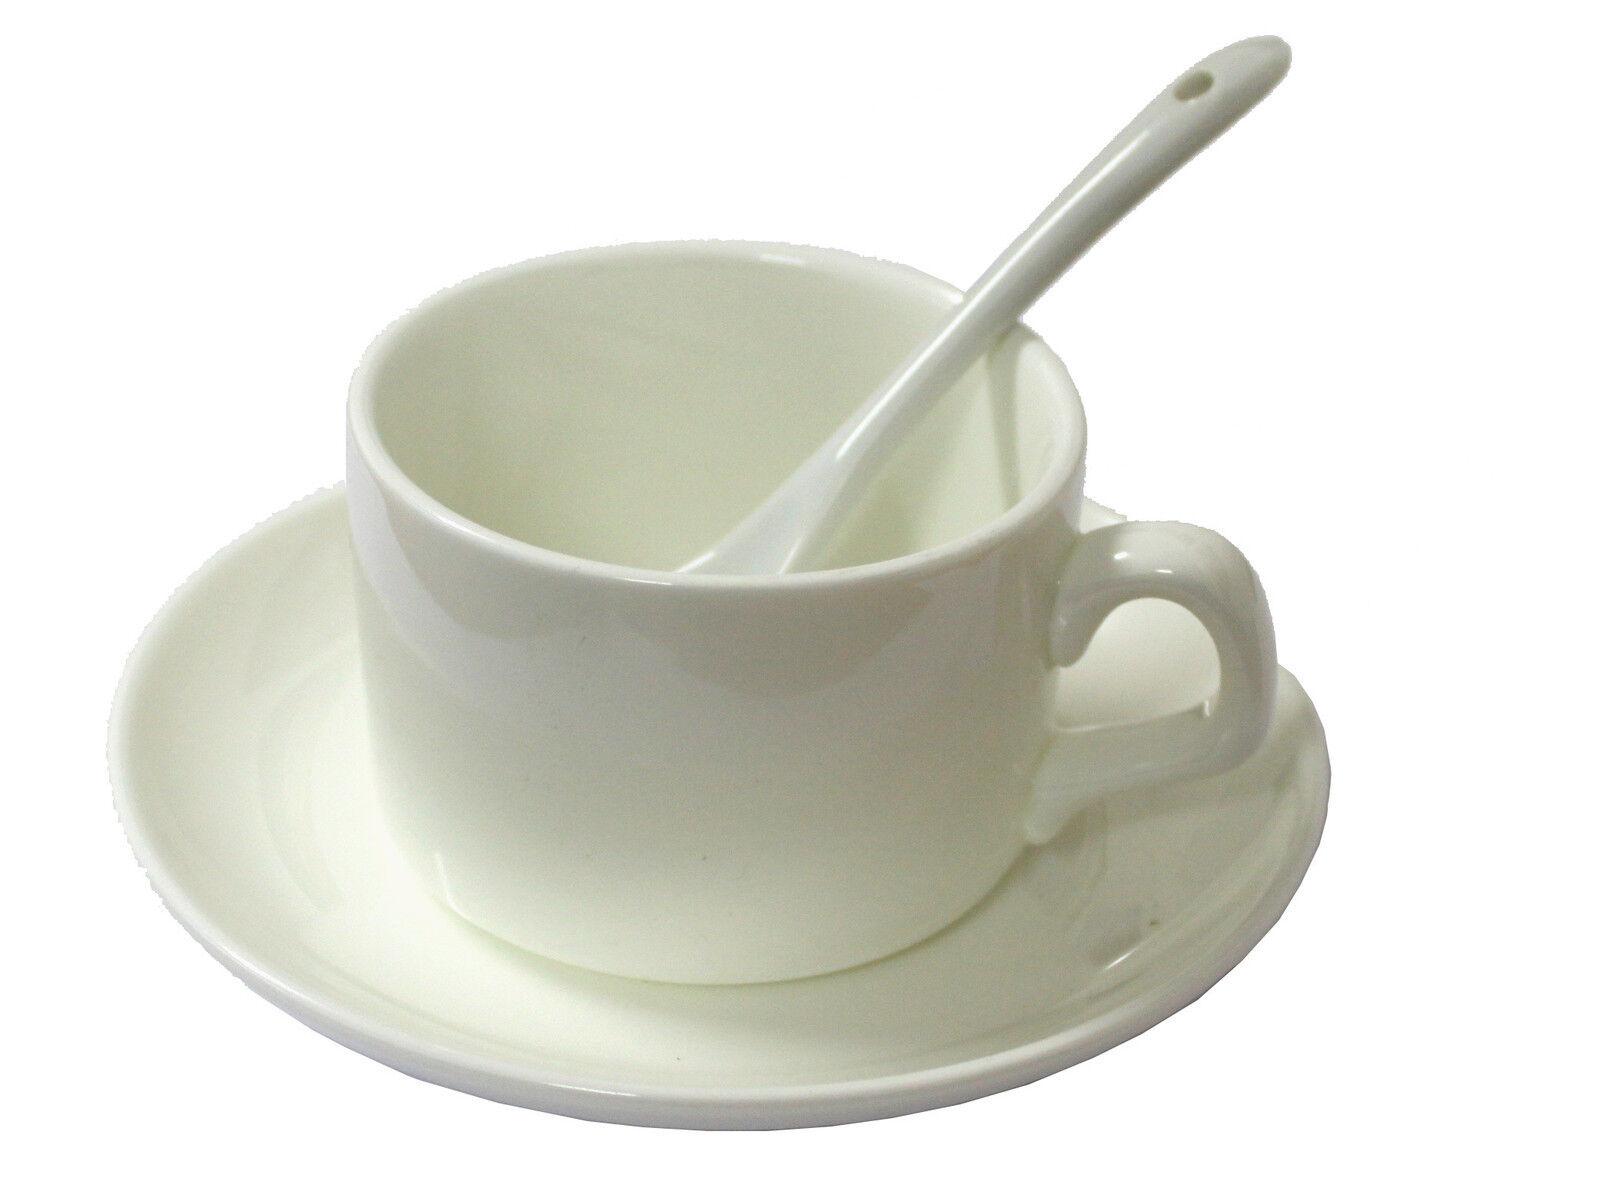 Sublimation Tasses Mug 5 oz (environ 141.75 g) x 36 soucoupe et cuillère en céramique pour presse à chaud